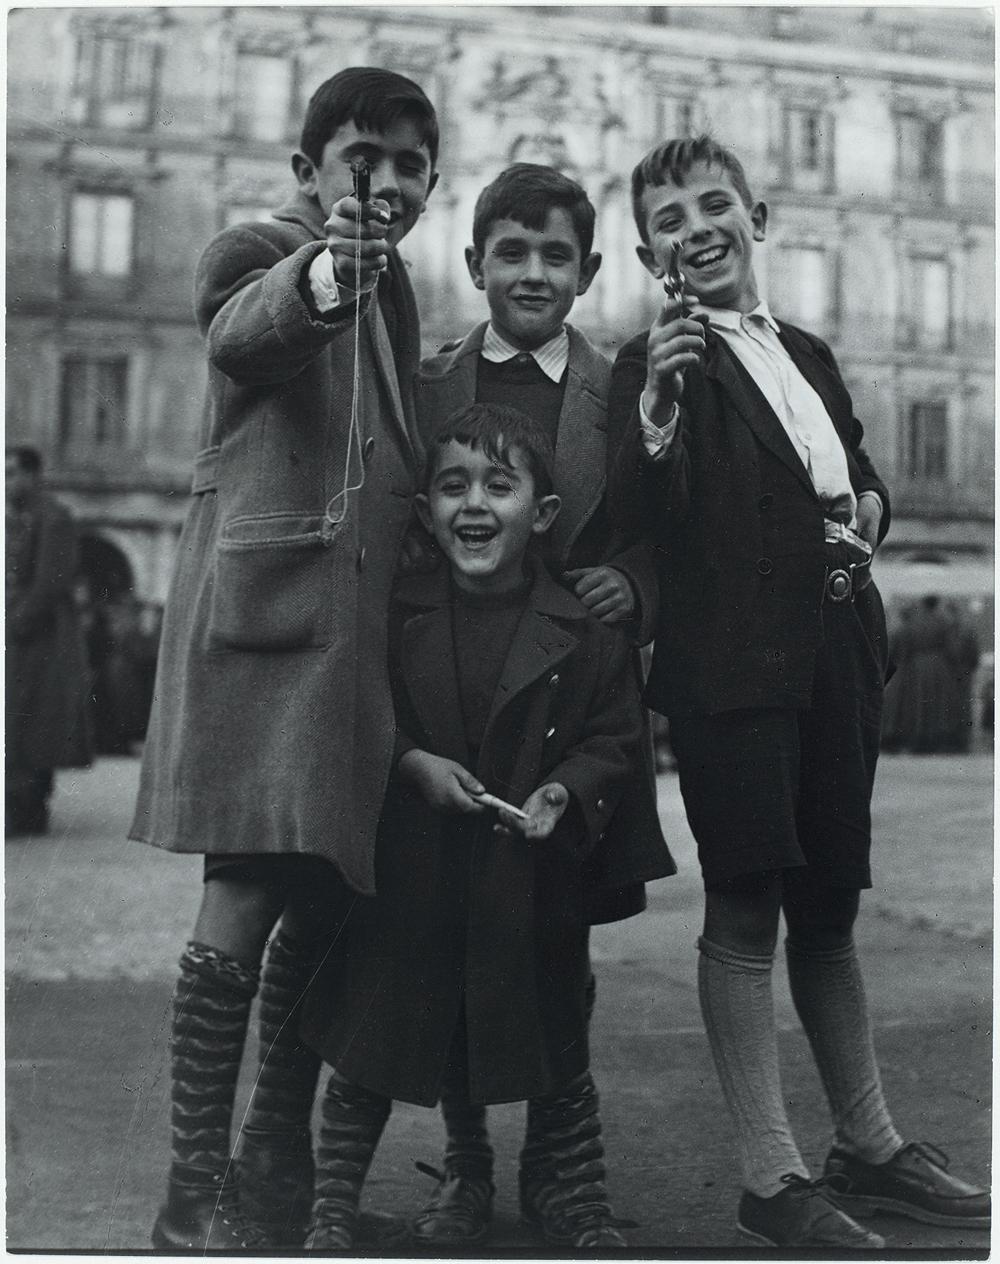 Χαμογελαστά αγόρια ποζάρουν στο φακό της Σαμπίνε Βάις, στη Μαδρίτη, 1950. Οι ασπρόμαυρες φωτογραφίες παιδιών που παίζουν στους δρόμους της Ευρώπης και των ΗΠΑ στη δεκαετία του 50 αποτελούν το πιο χαρακτηριστικό κομμάτι της δουλειάς της